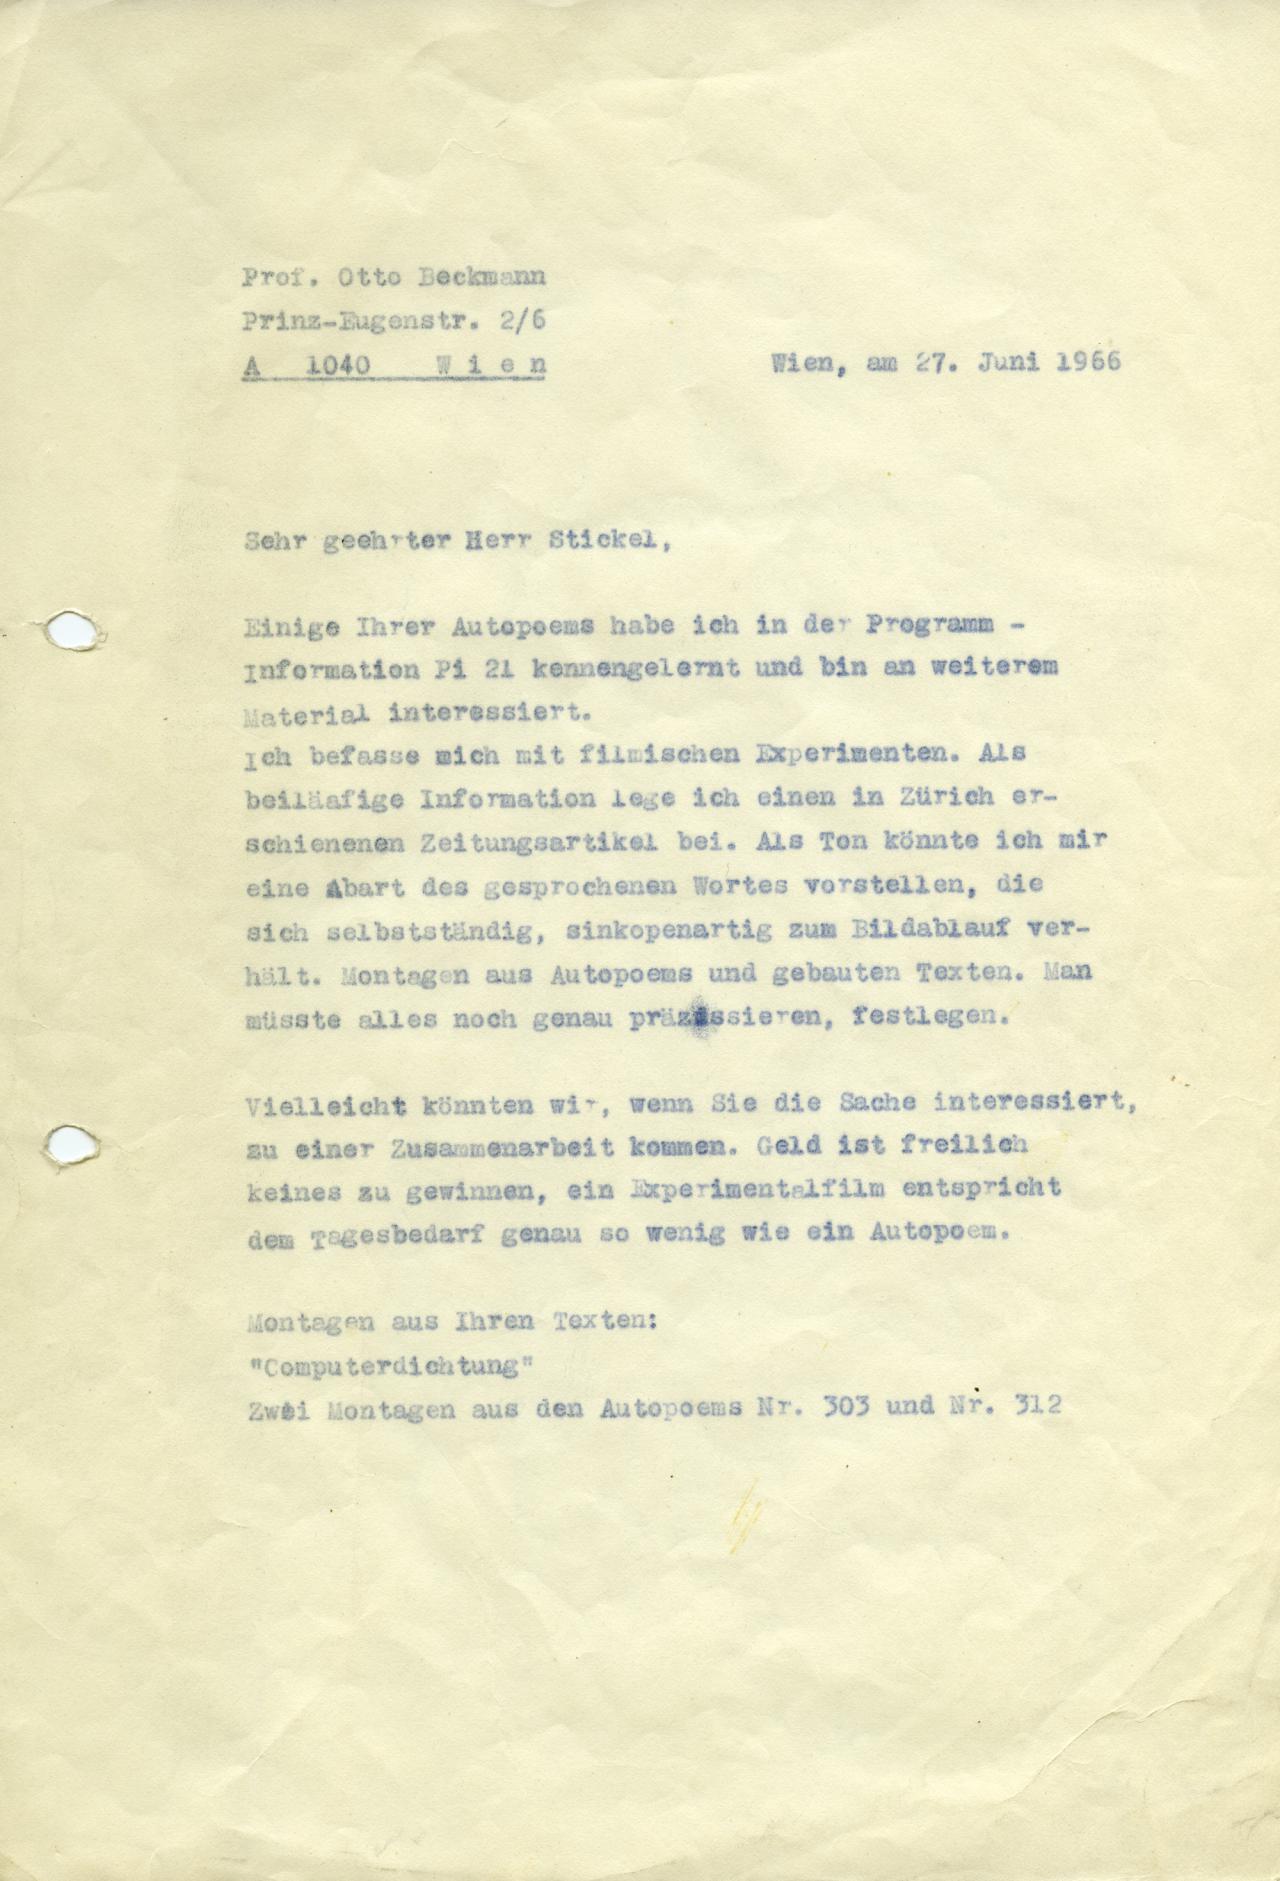 Otto Beckmann: Letter to Gerhard Stickel